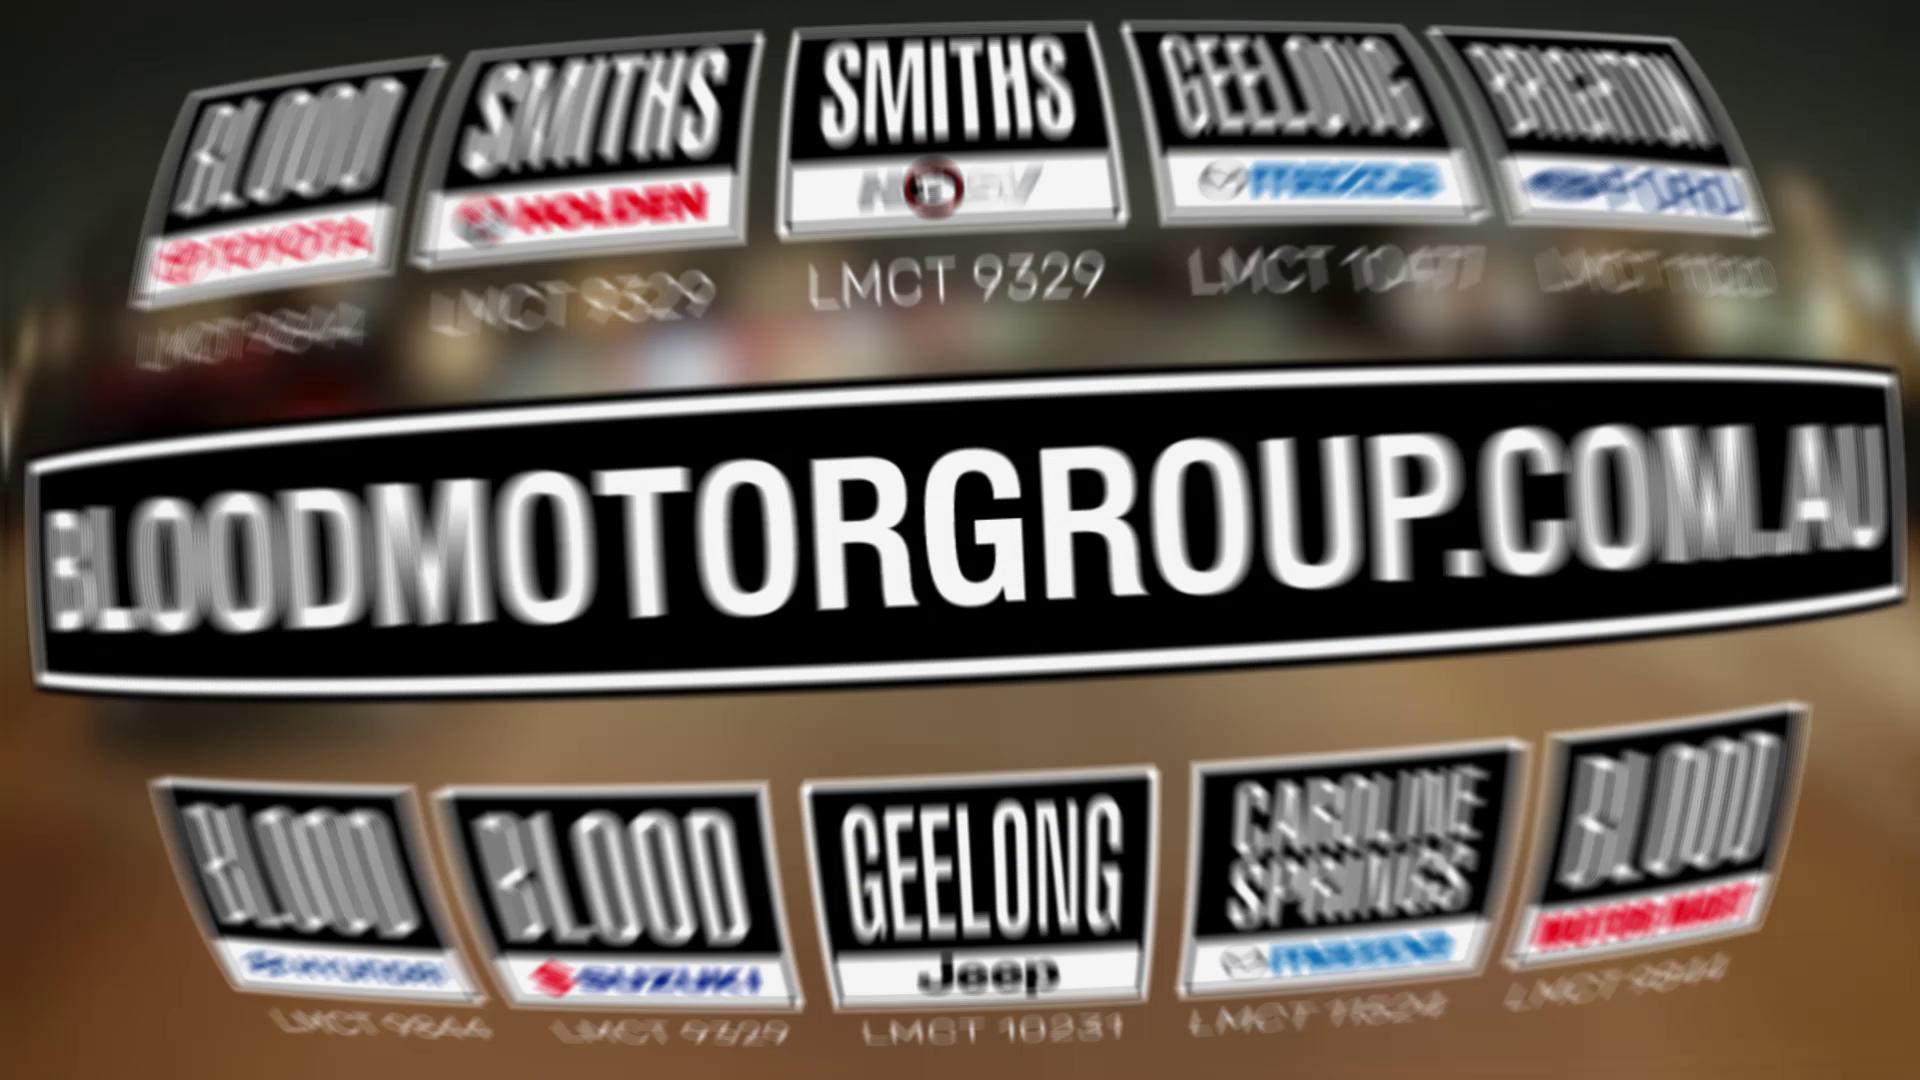 Blood Motor Group AFL - TVC